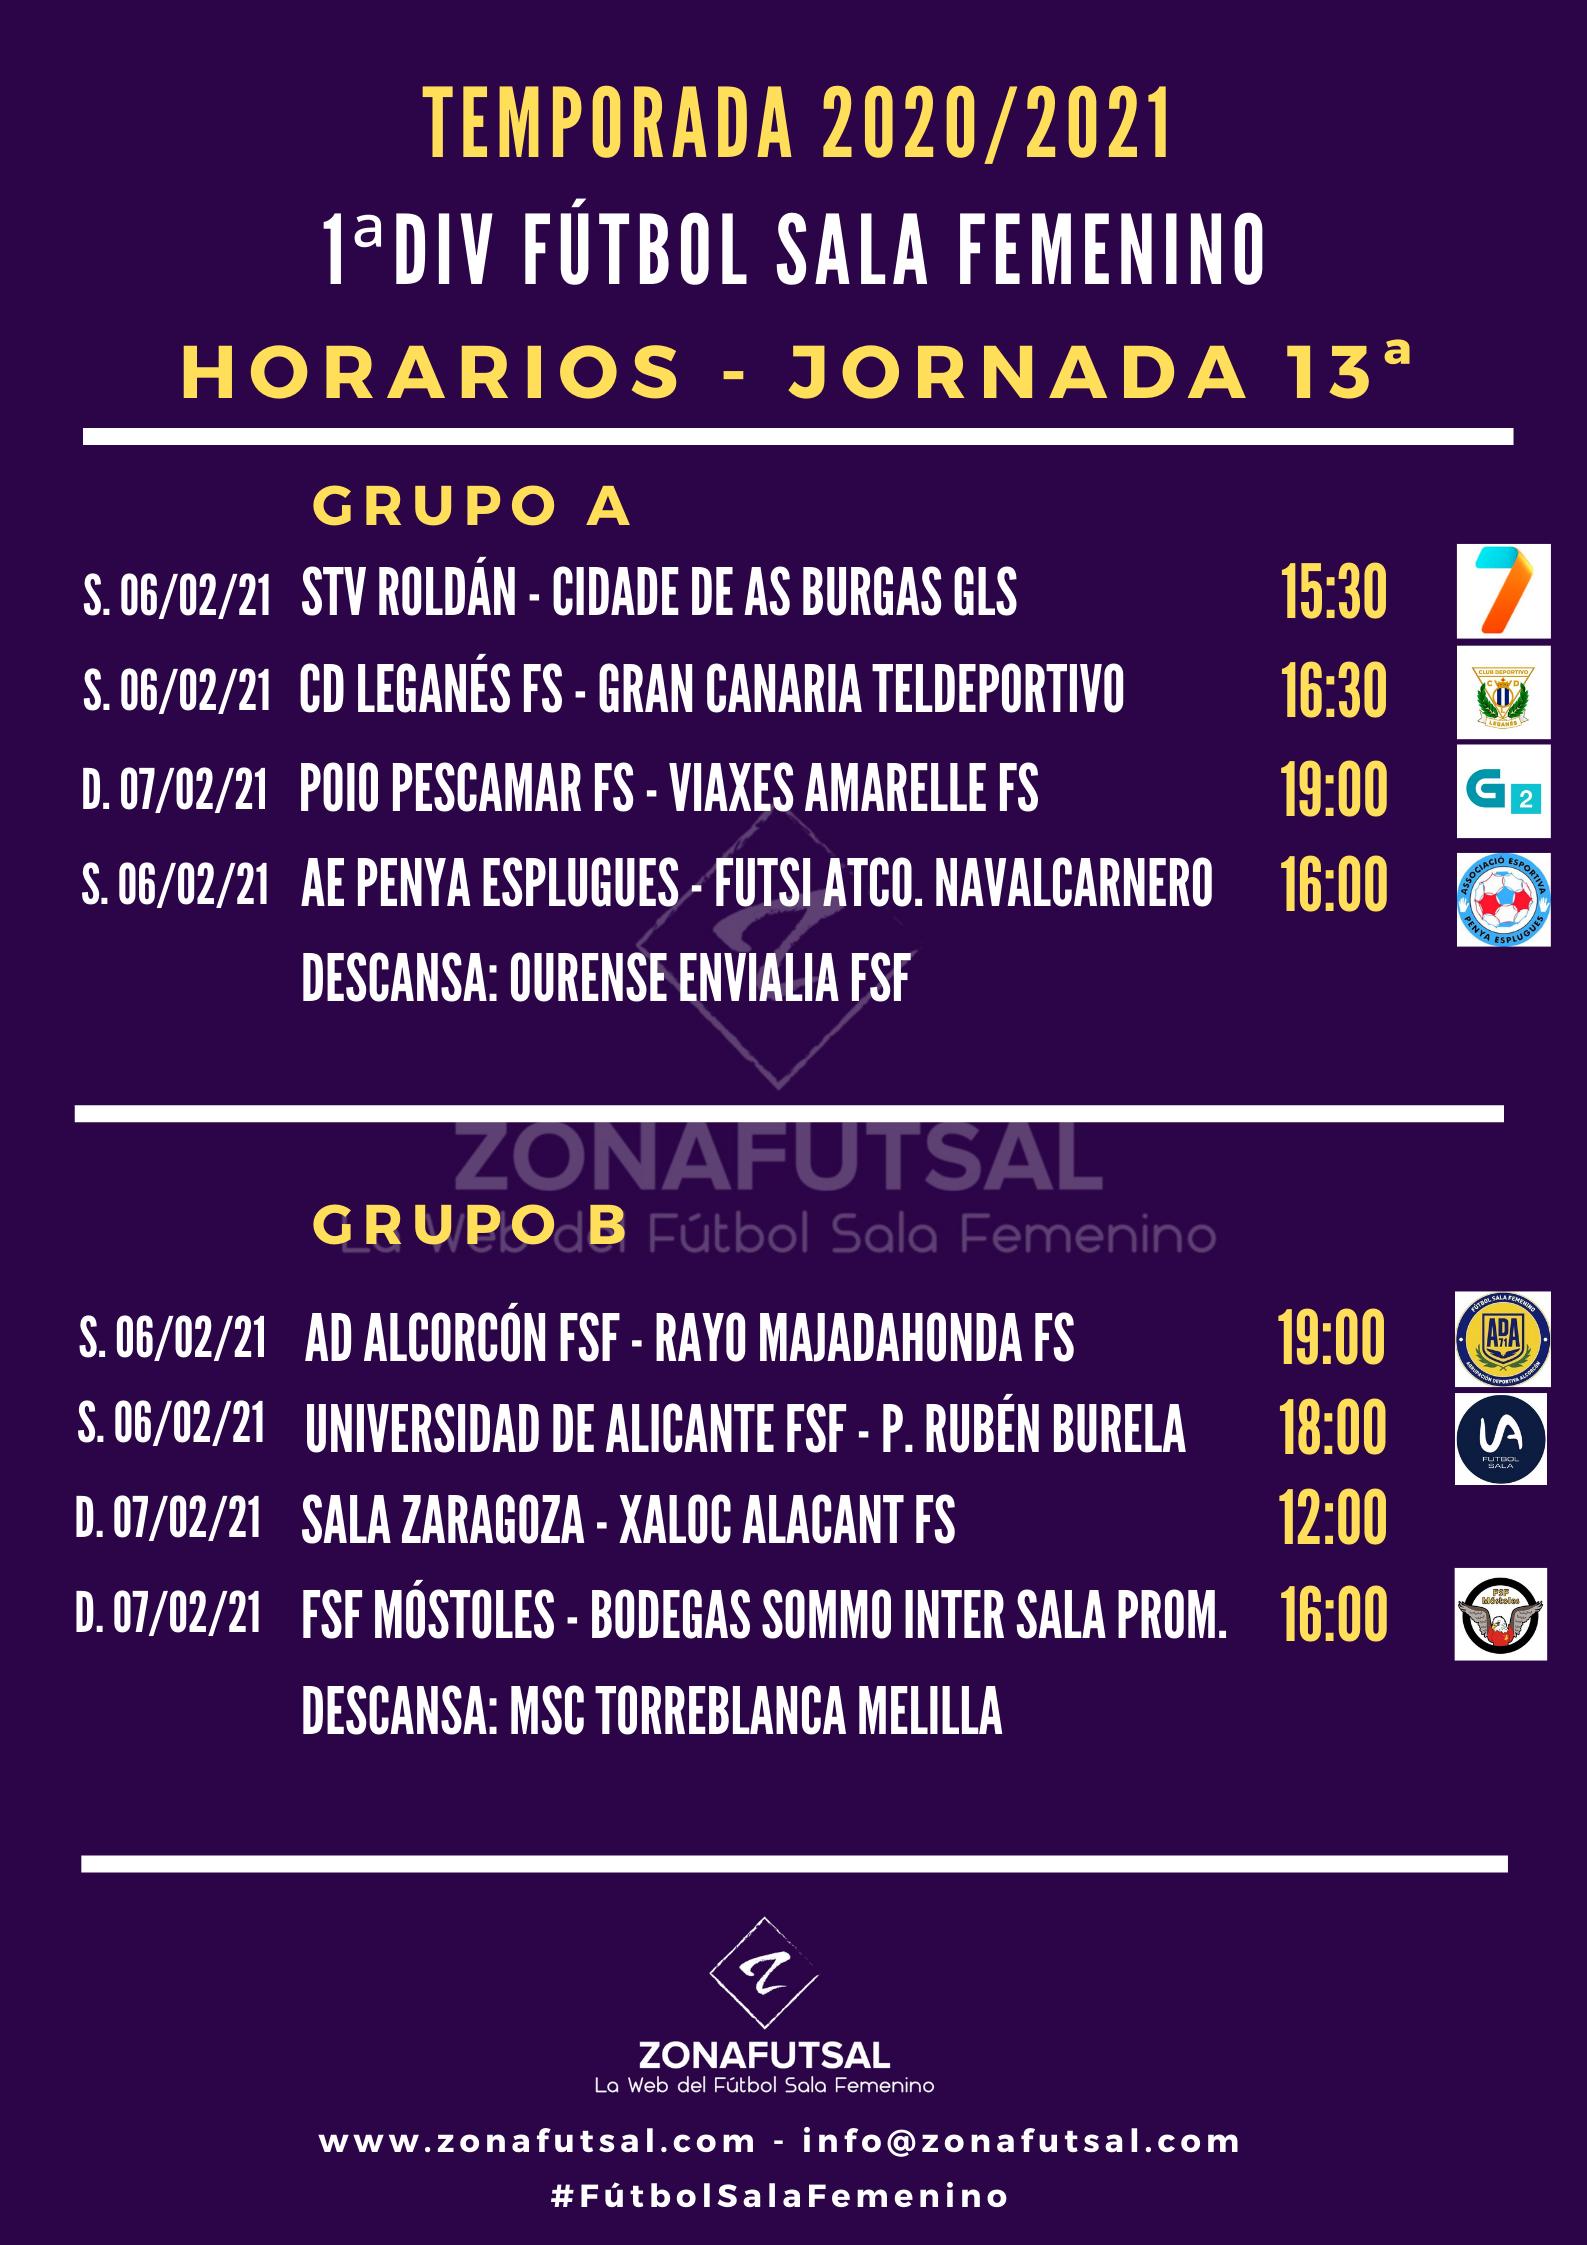 Horarios de la Jornada 13ª en 1ª División de Fútbol Sala Femenino